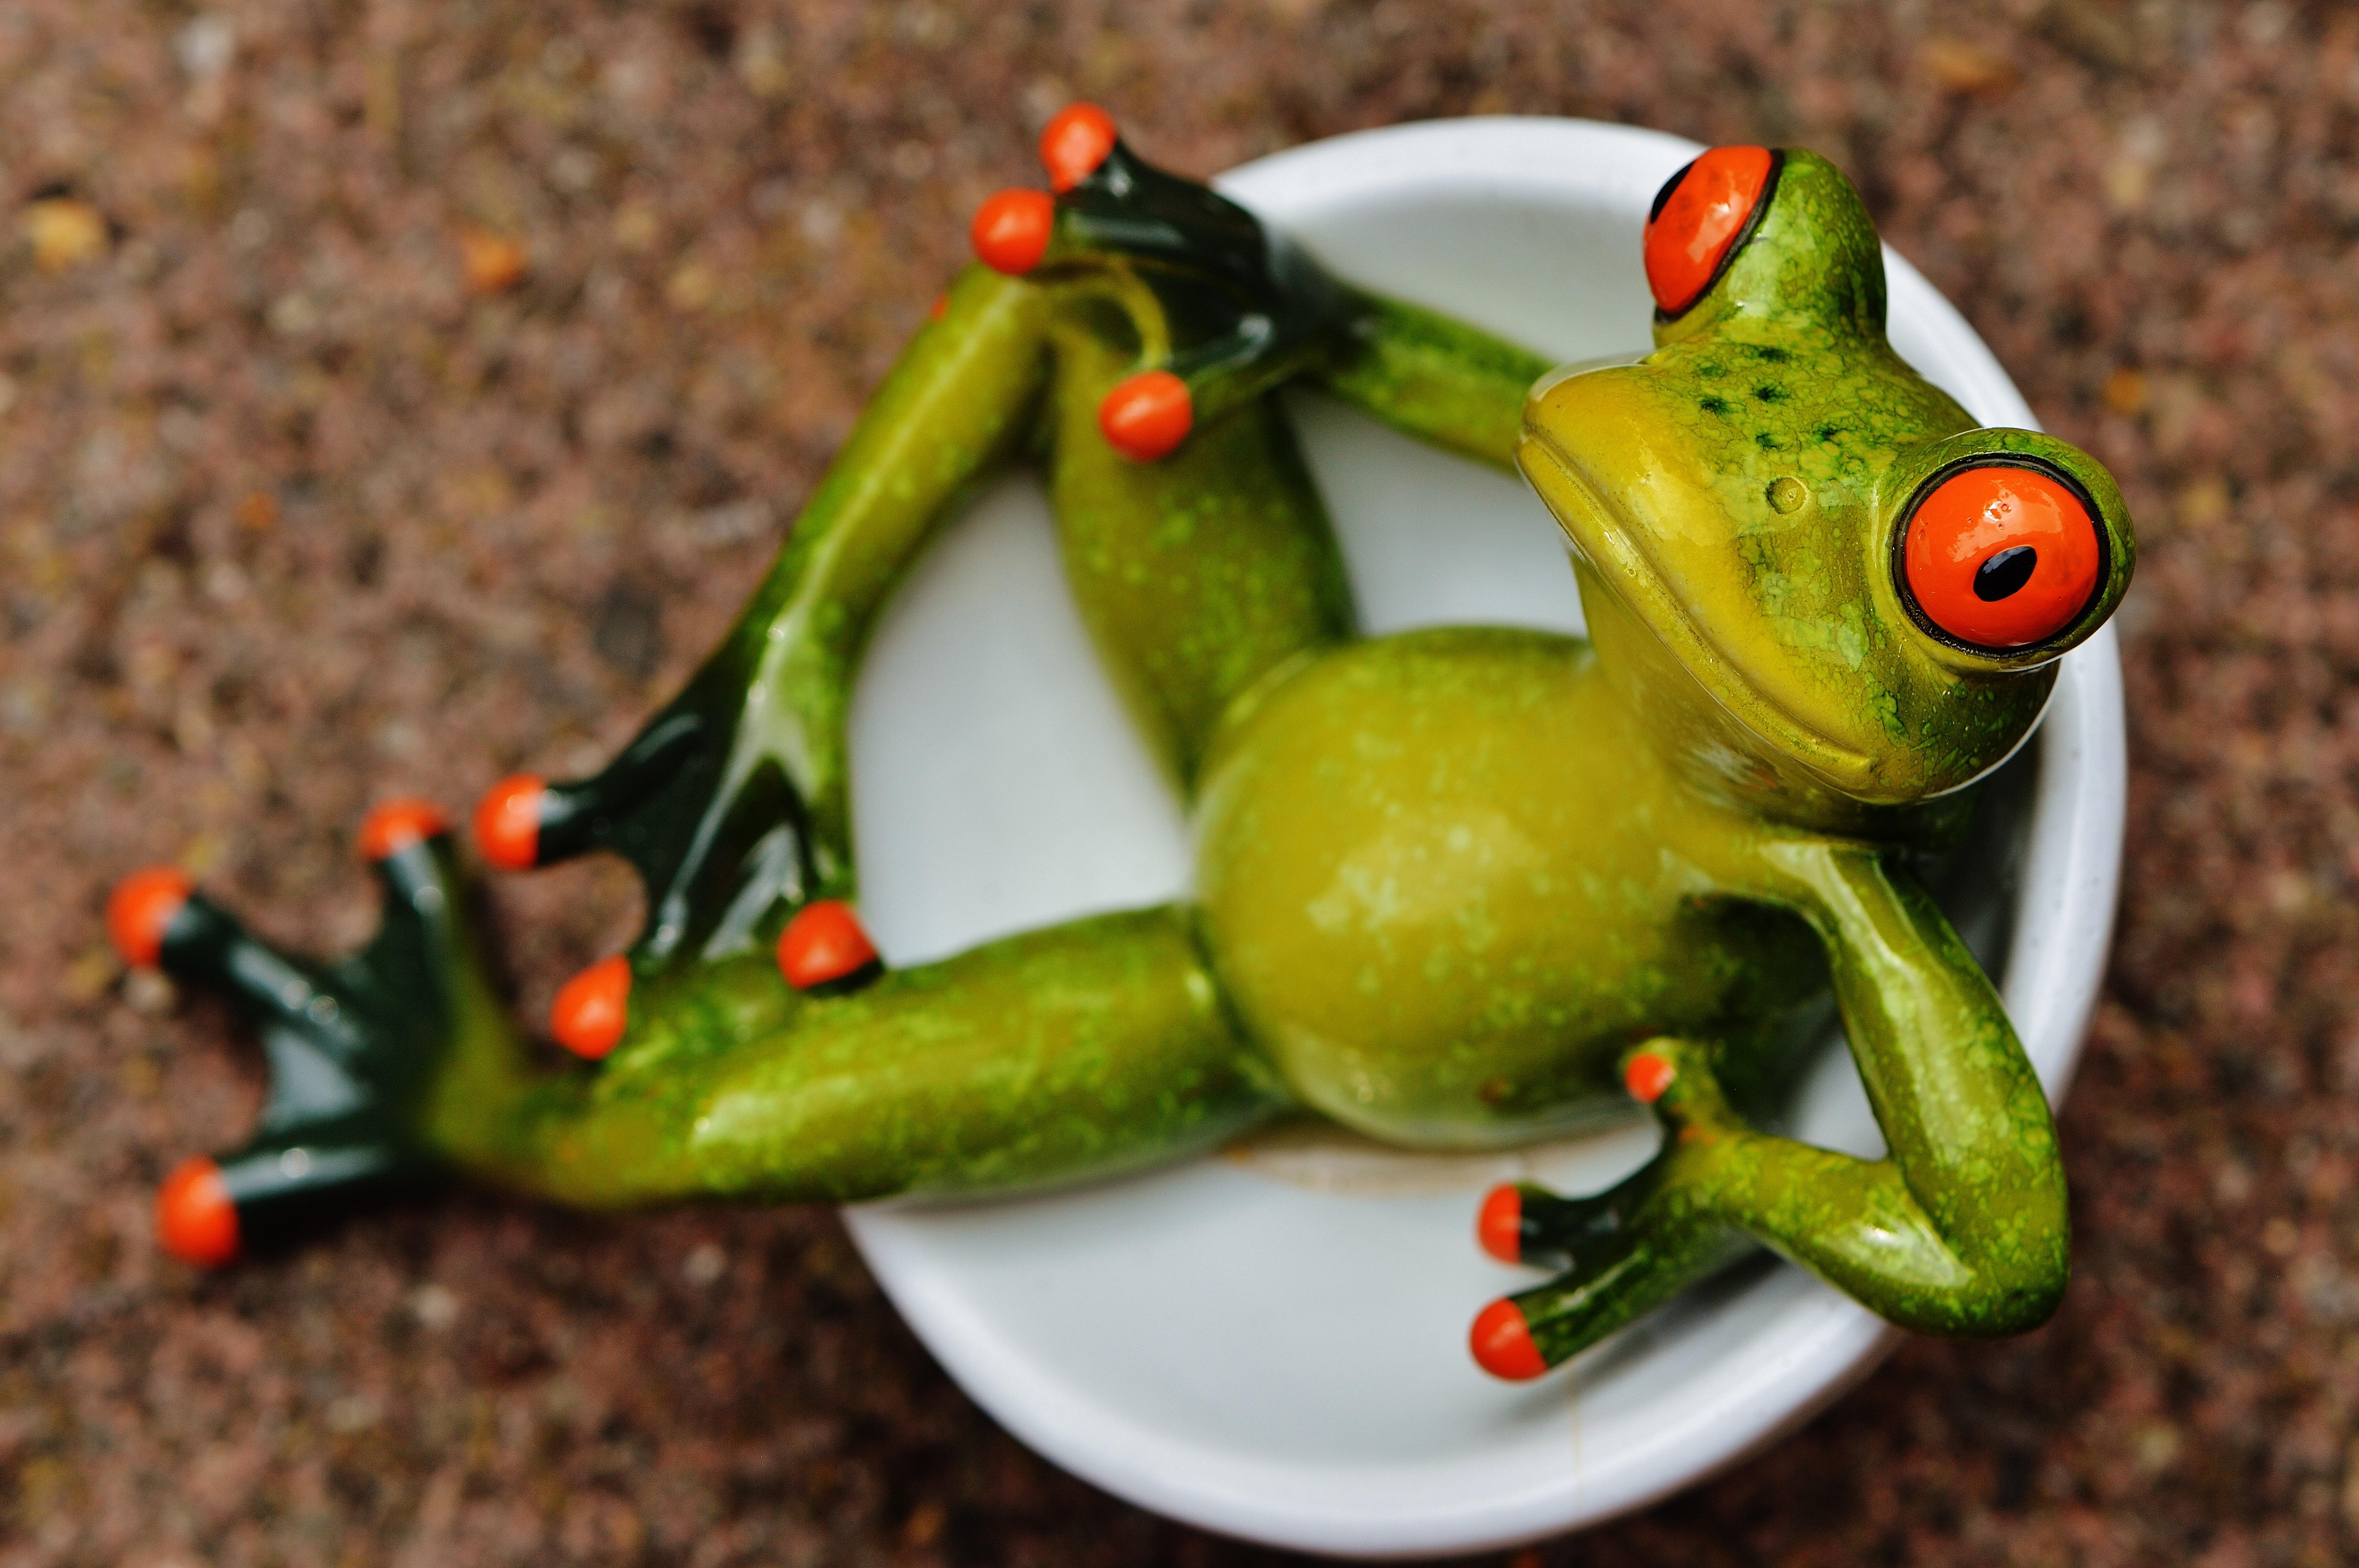 Картинка с лягушками прикольные